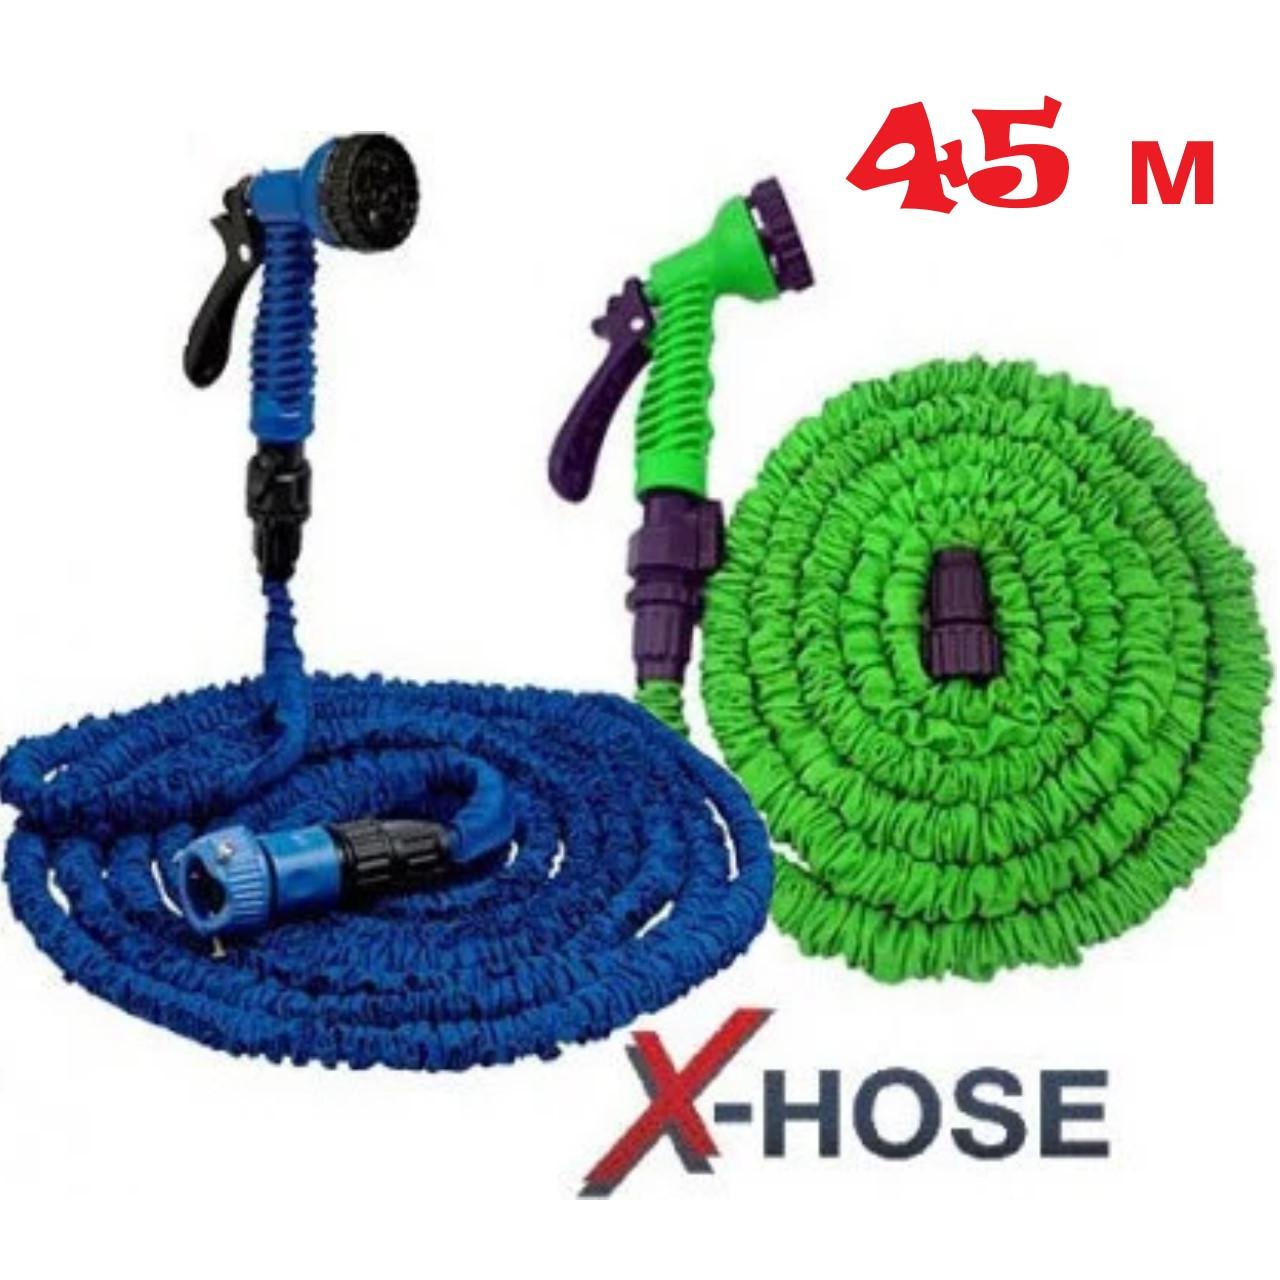 Розтяжний диво шланг для поливу X-hose 45 метрів (150 fut) (Репліка)